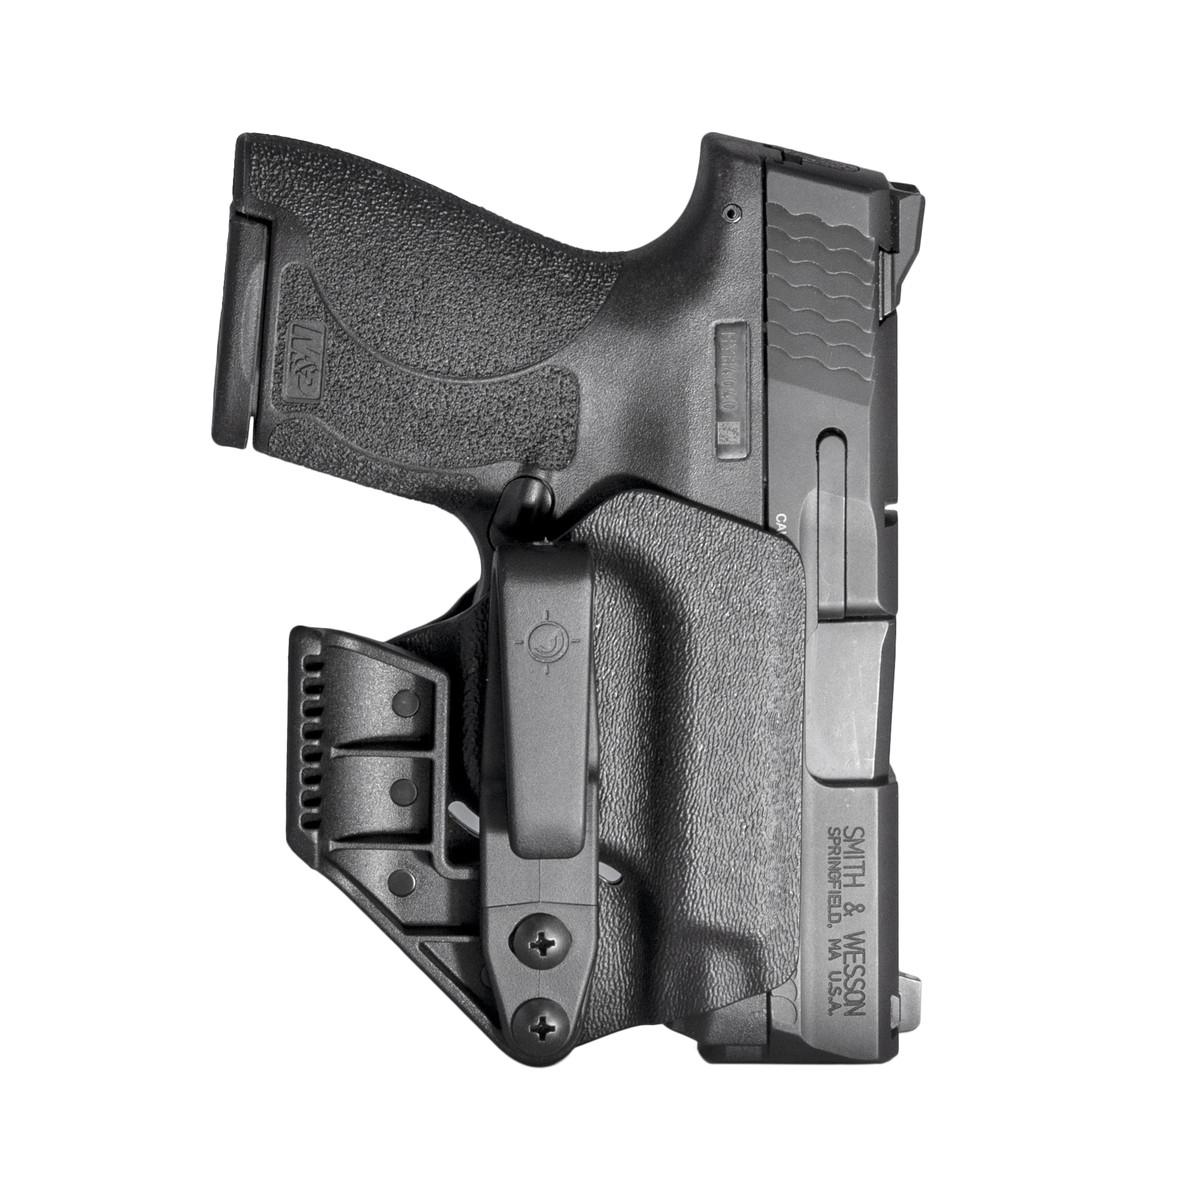 MFT Minimalist IWB Holster, Smith & Wesson M&P Shield 1.0/2.0